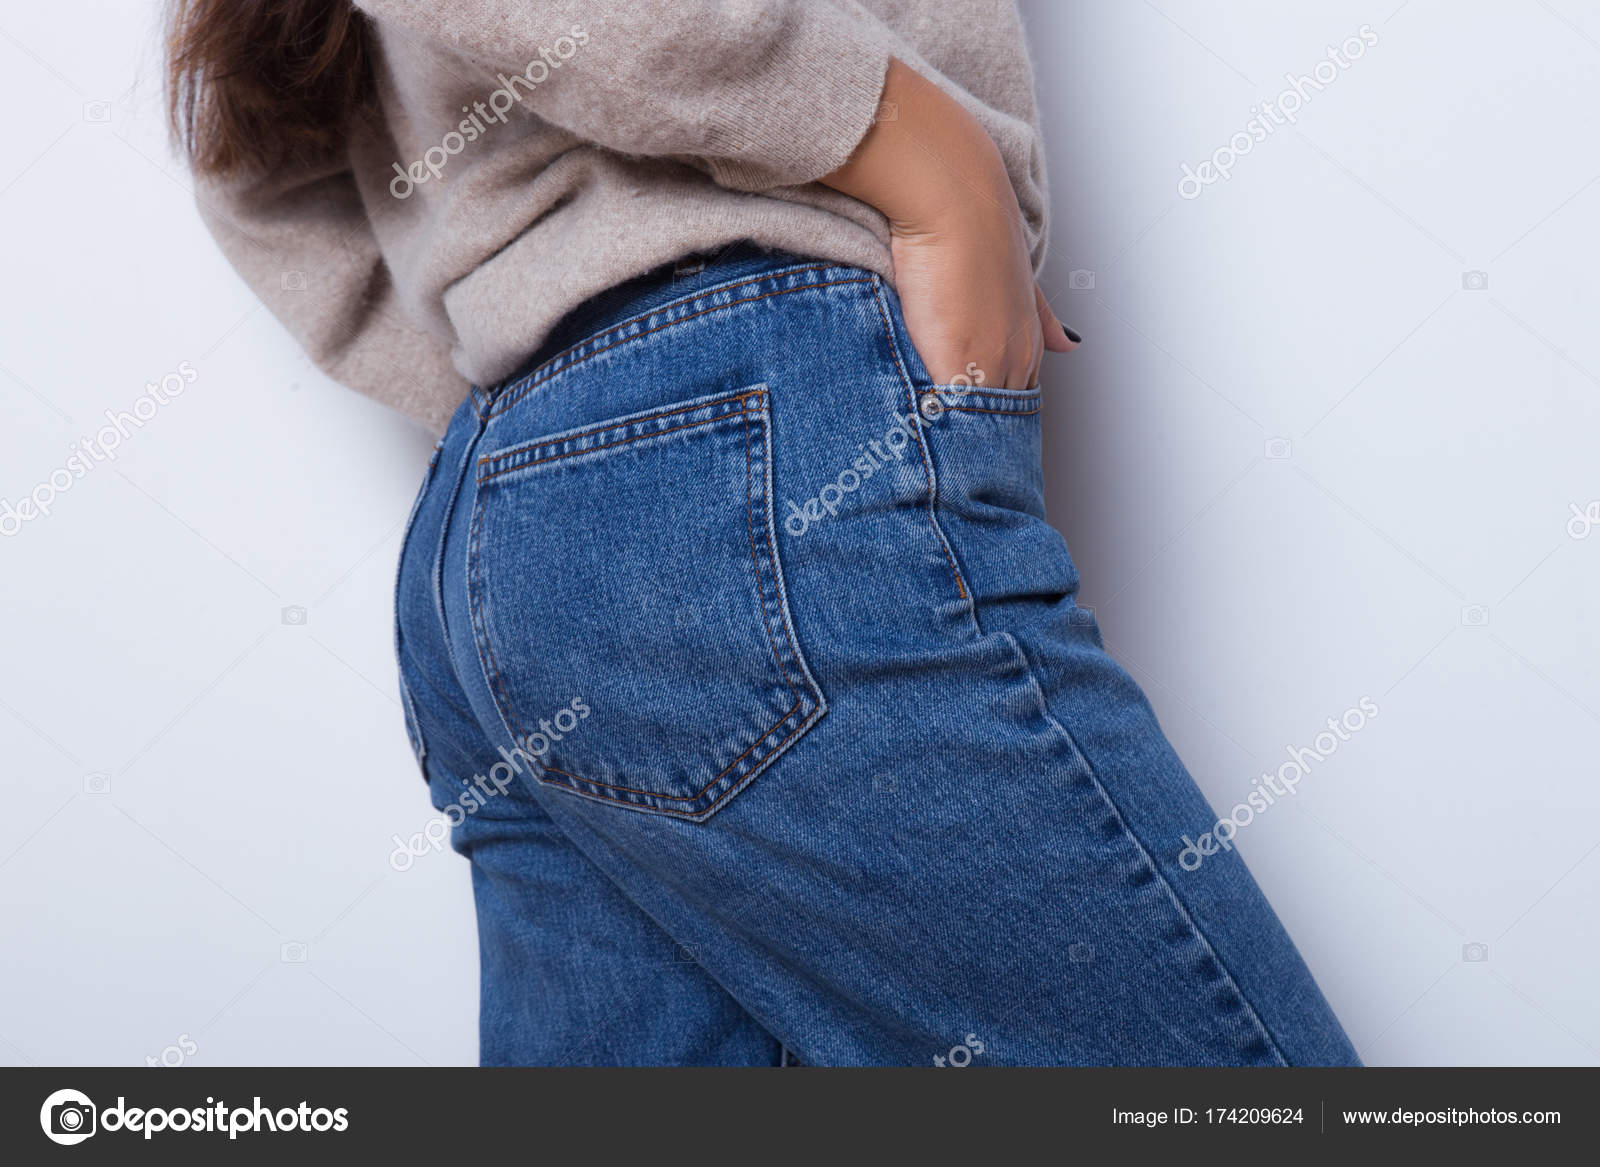 Фото попок в джинсах девушек — img 8